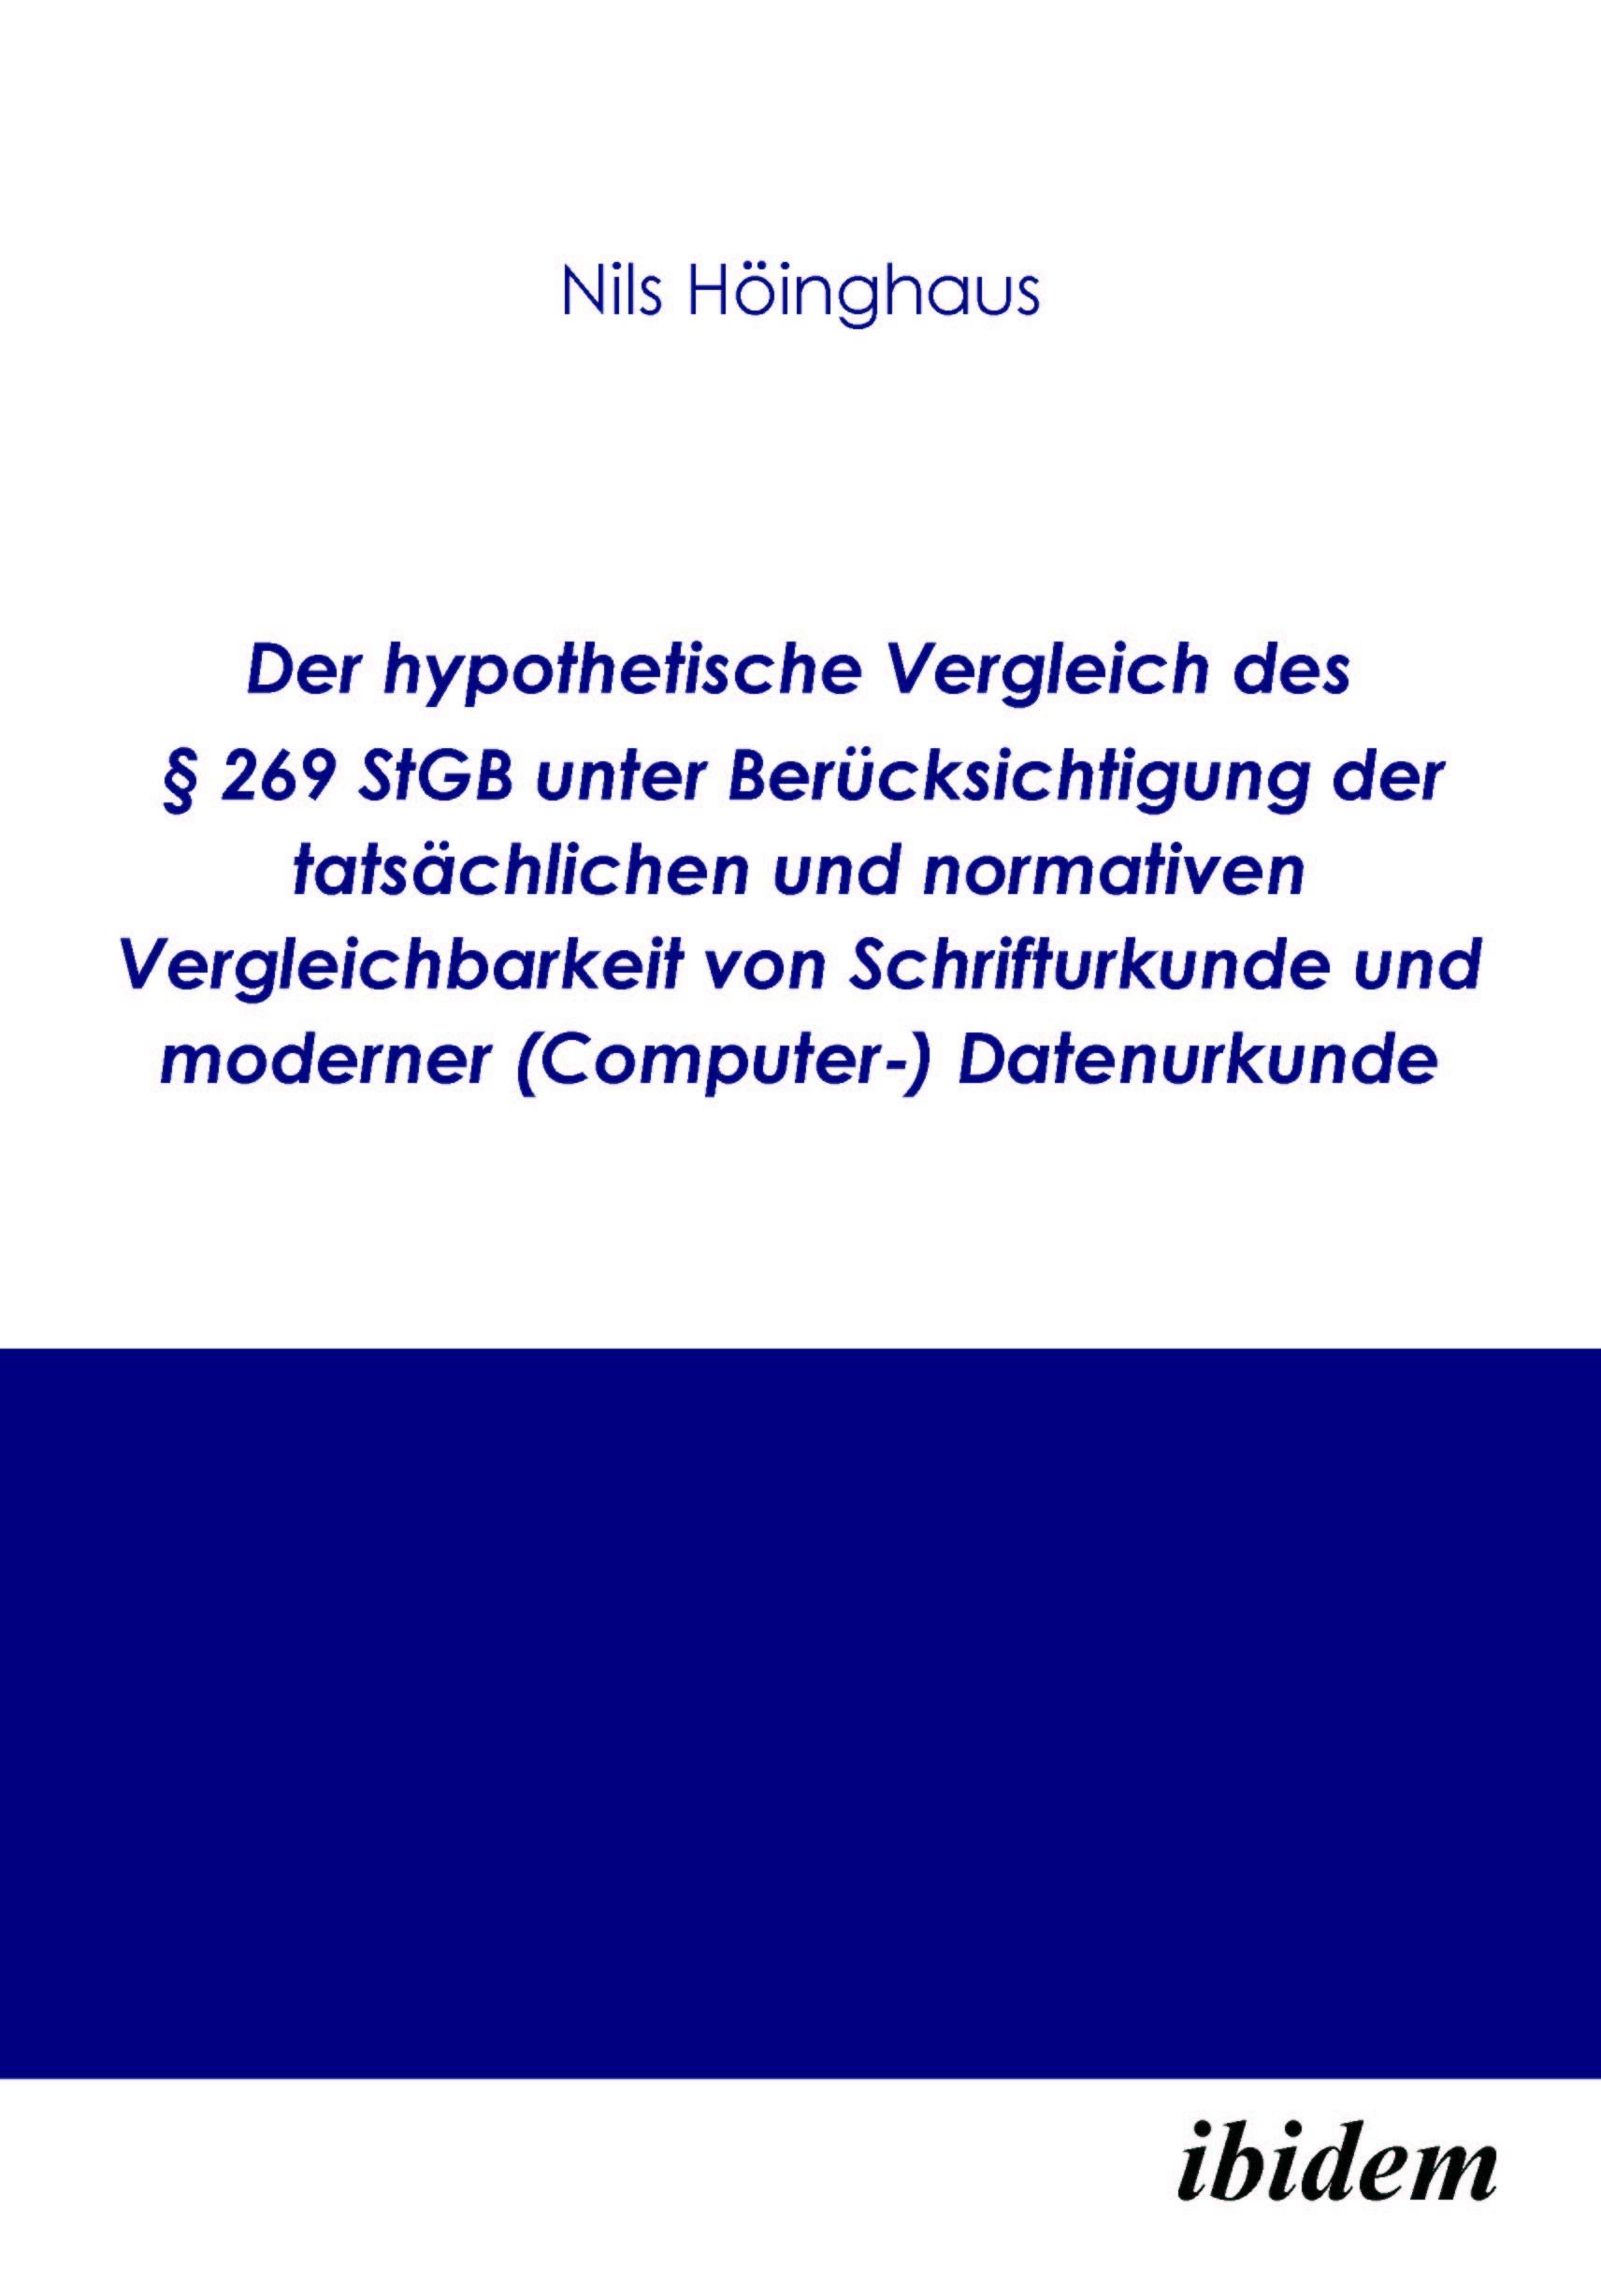 Der hypothetische Vergleich des § 269 StGB unter Berücksichtigung der tatsächlichen und normativen Vergleichbarkeit von Schrifturkunde und moderner (Computer-) Datenurkunde